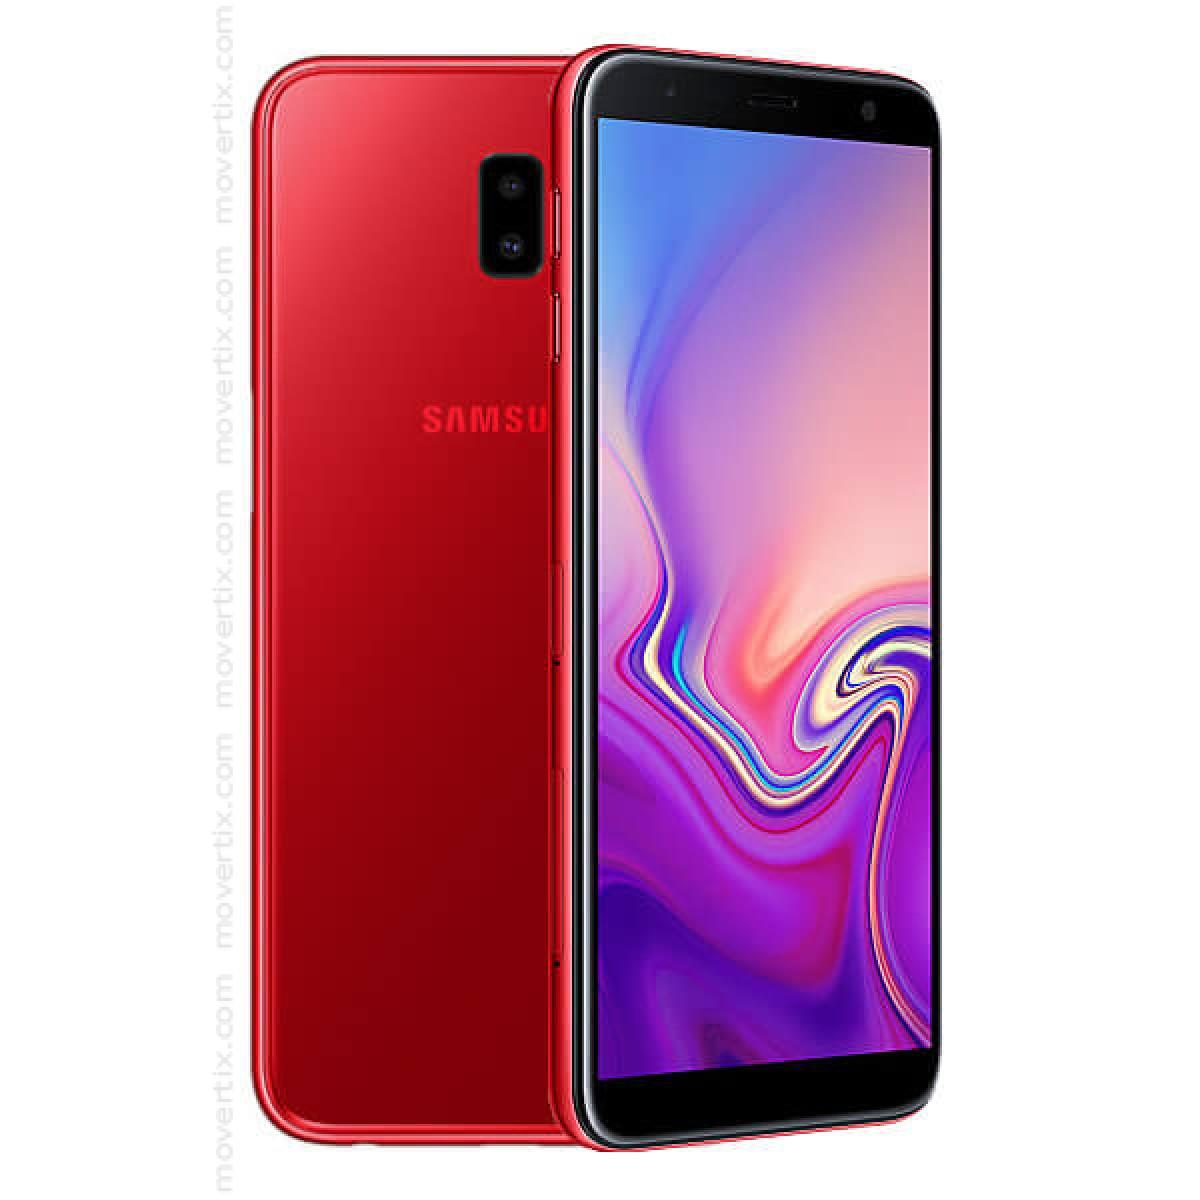 bac85bd4e samsung-galaxy-j6-plus-2018-rojo-dual-sim-j610f-8801643503673.jpg